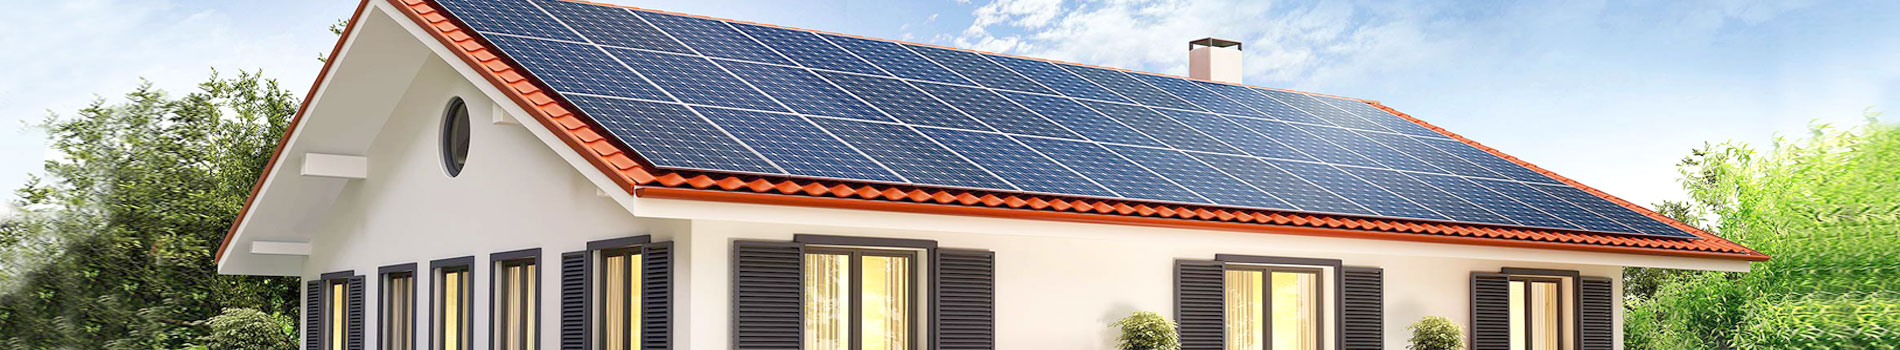 Solar Energy Systems FAQ's